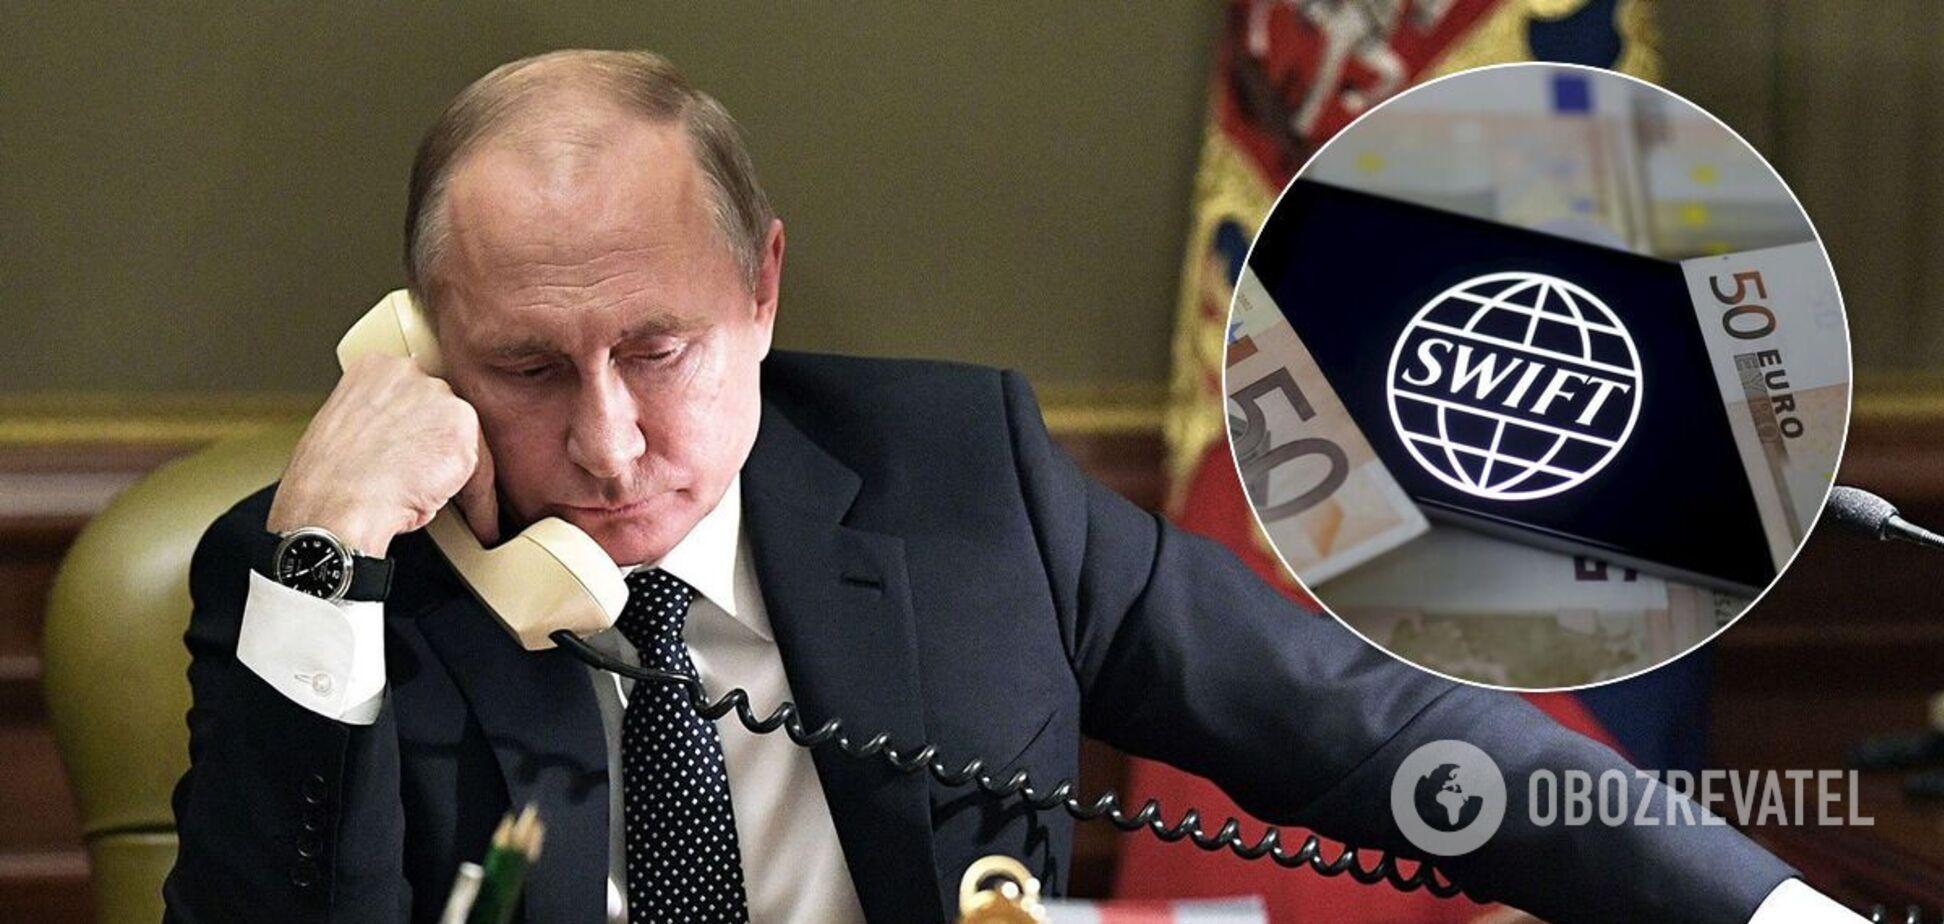 Кравчук озвучил 'план Б' по России, который он готов предложить Зеленскому